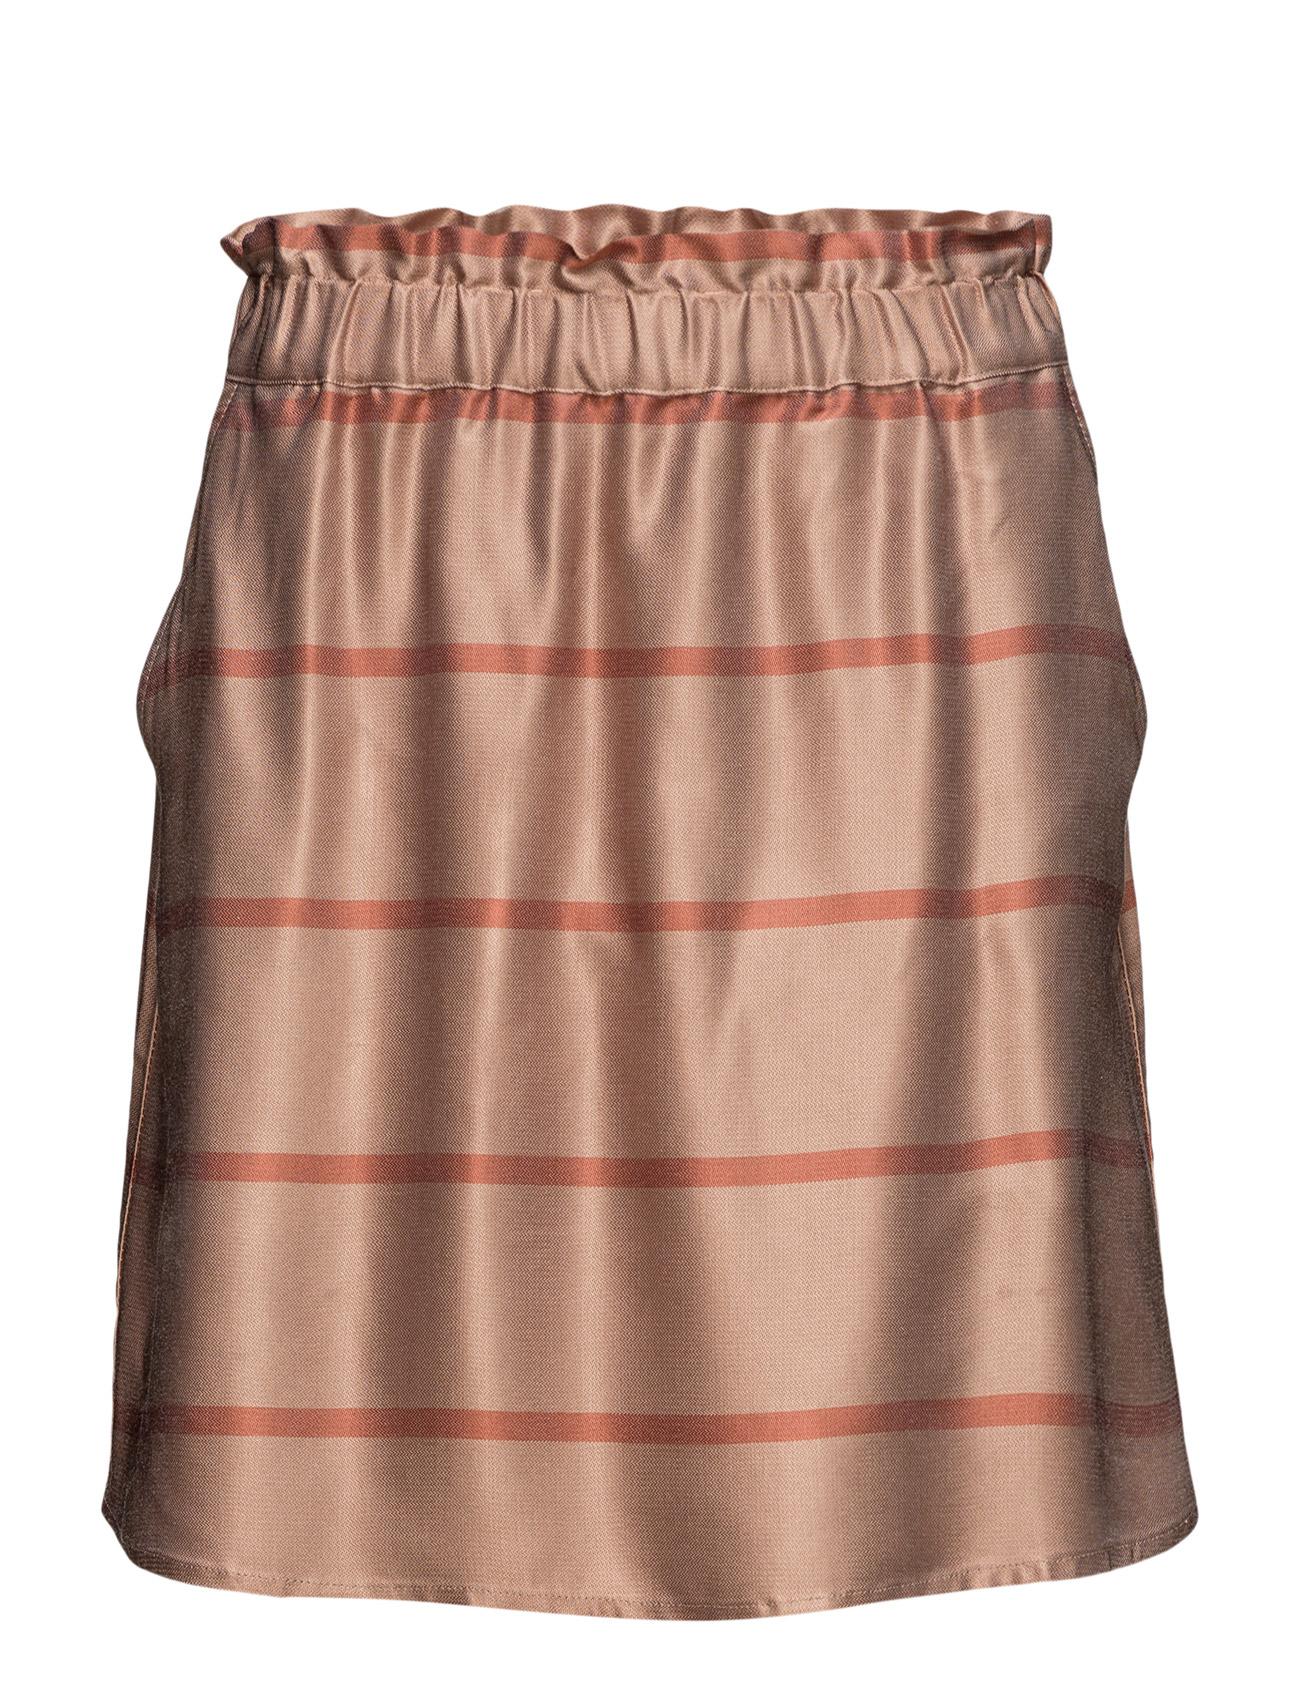 Stig P Hilga Skirt